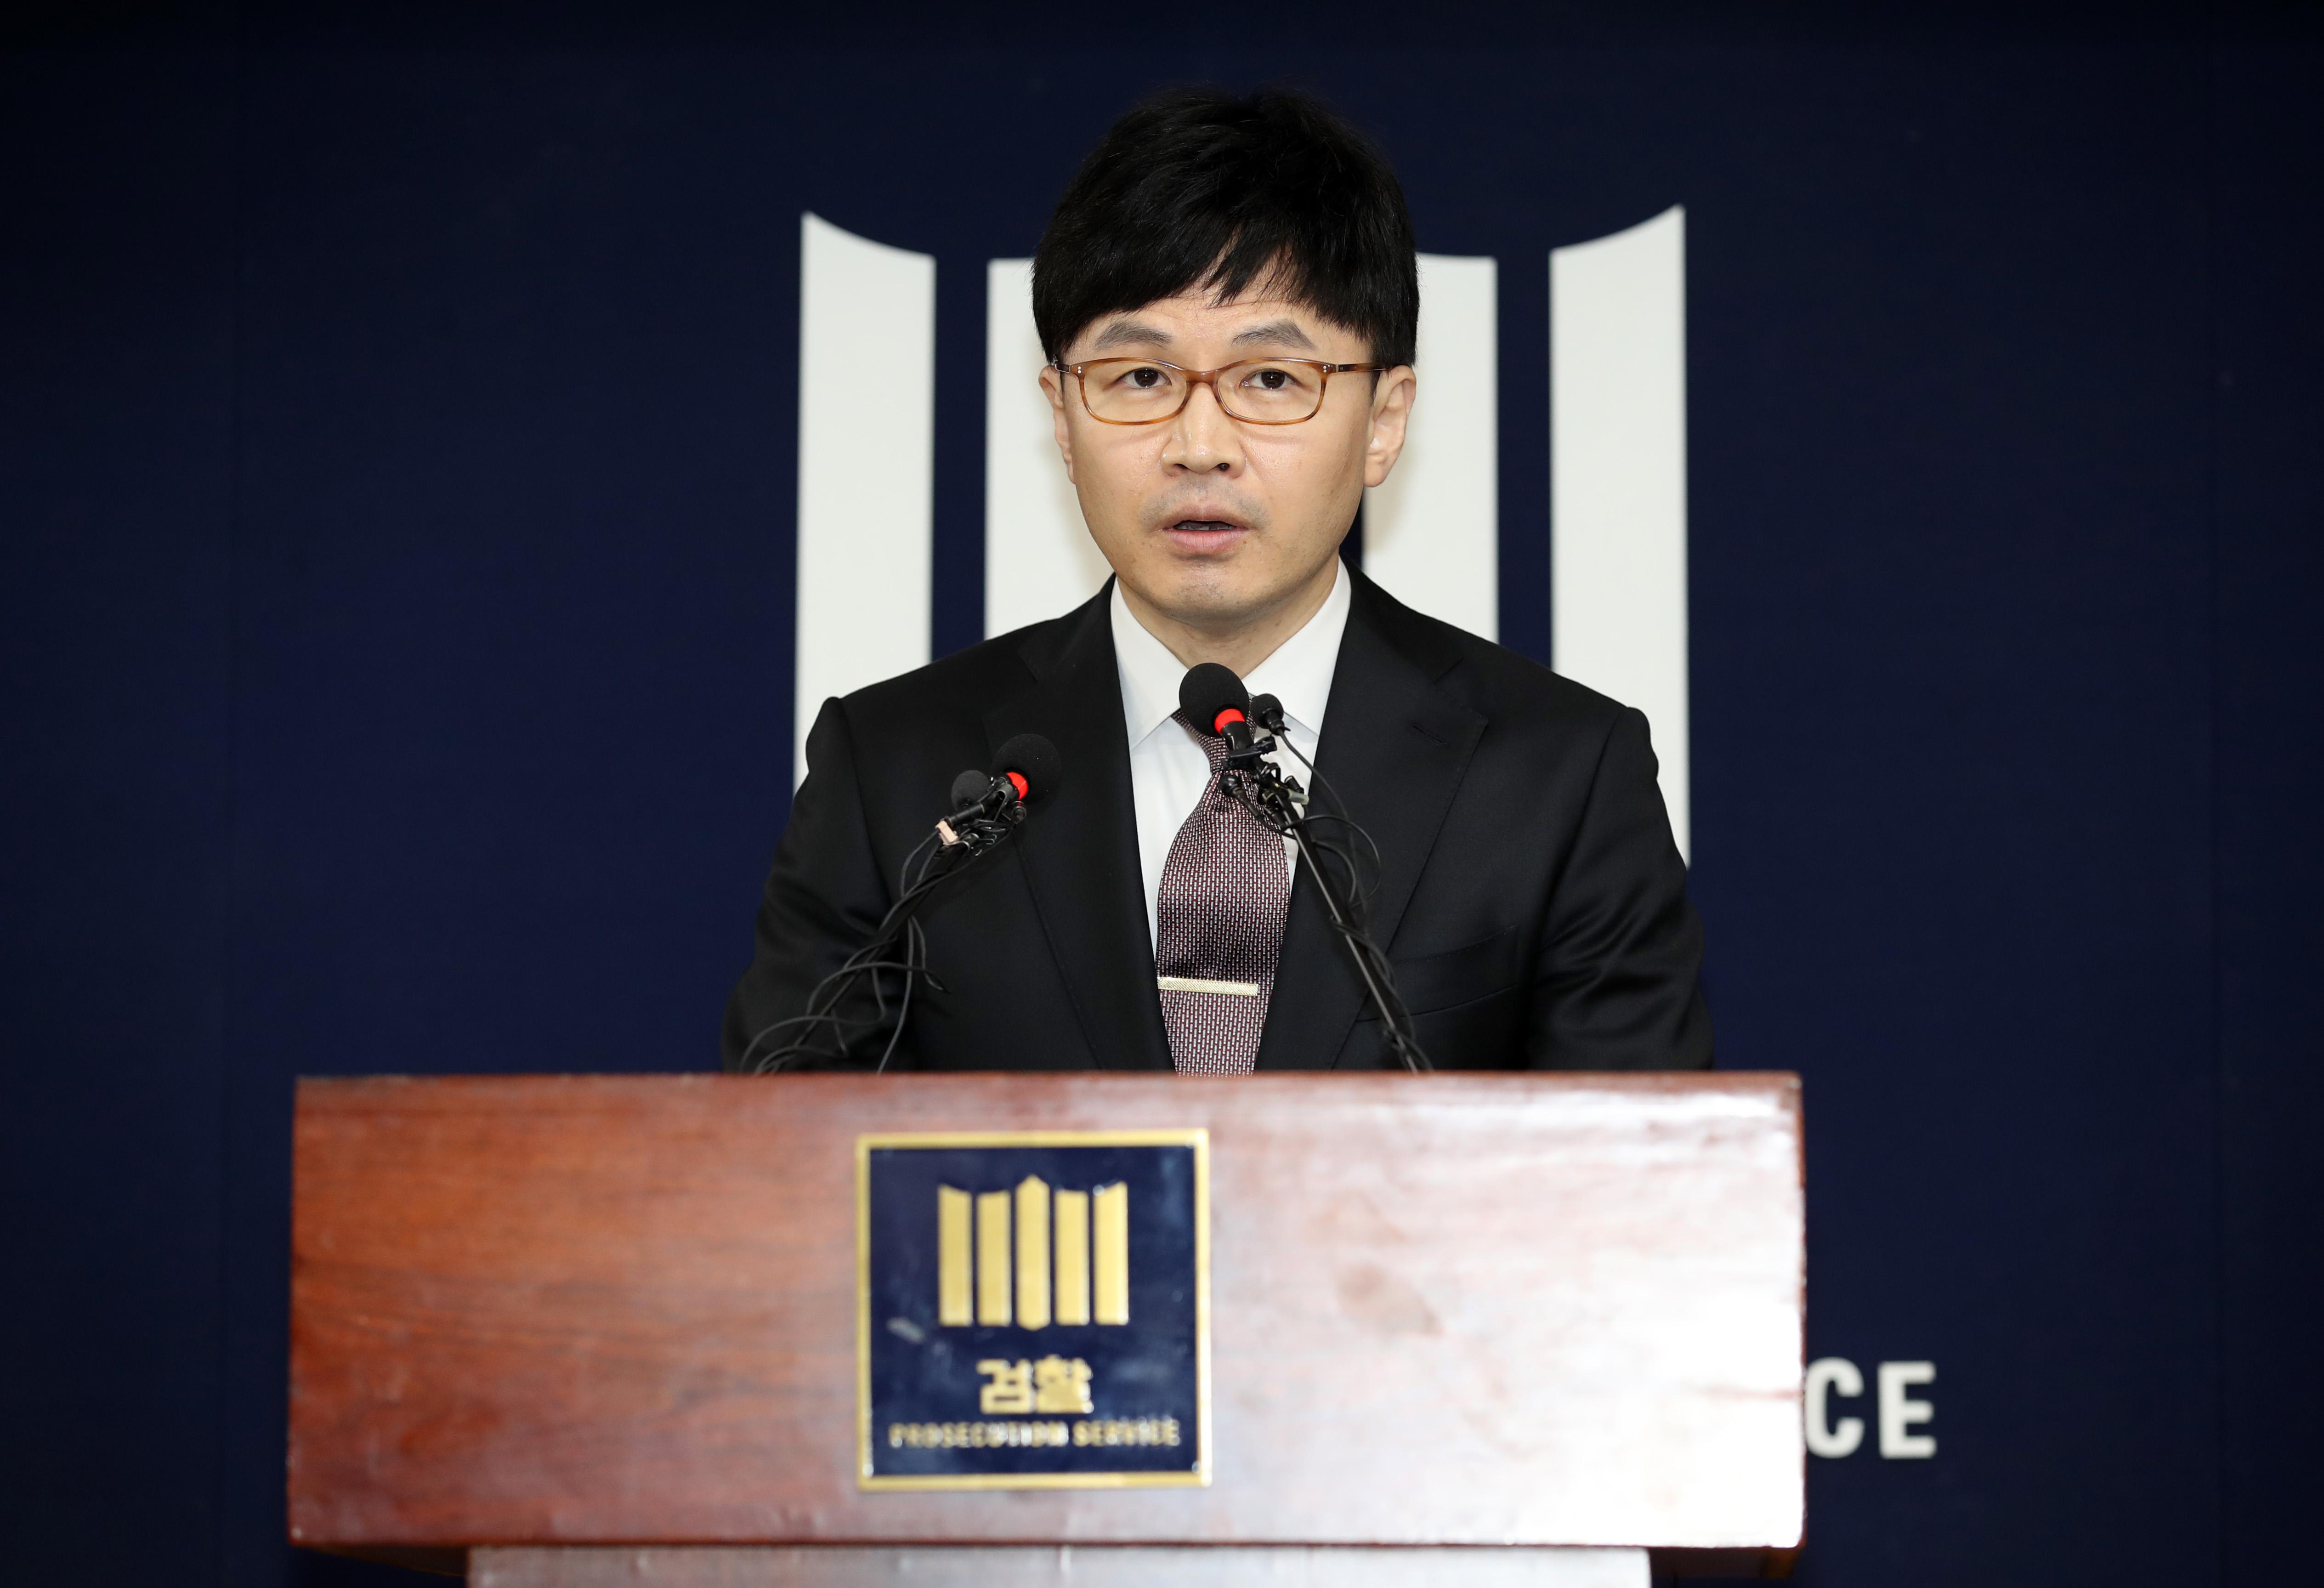 '최초의 검사', 한동훈 - 철두철미 스타일에 윤...